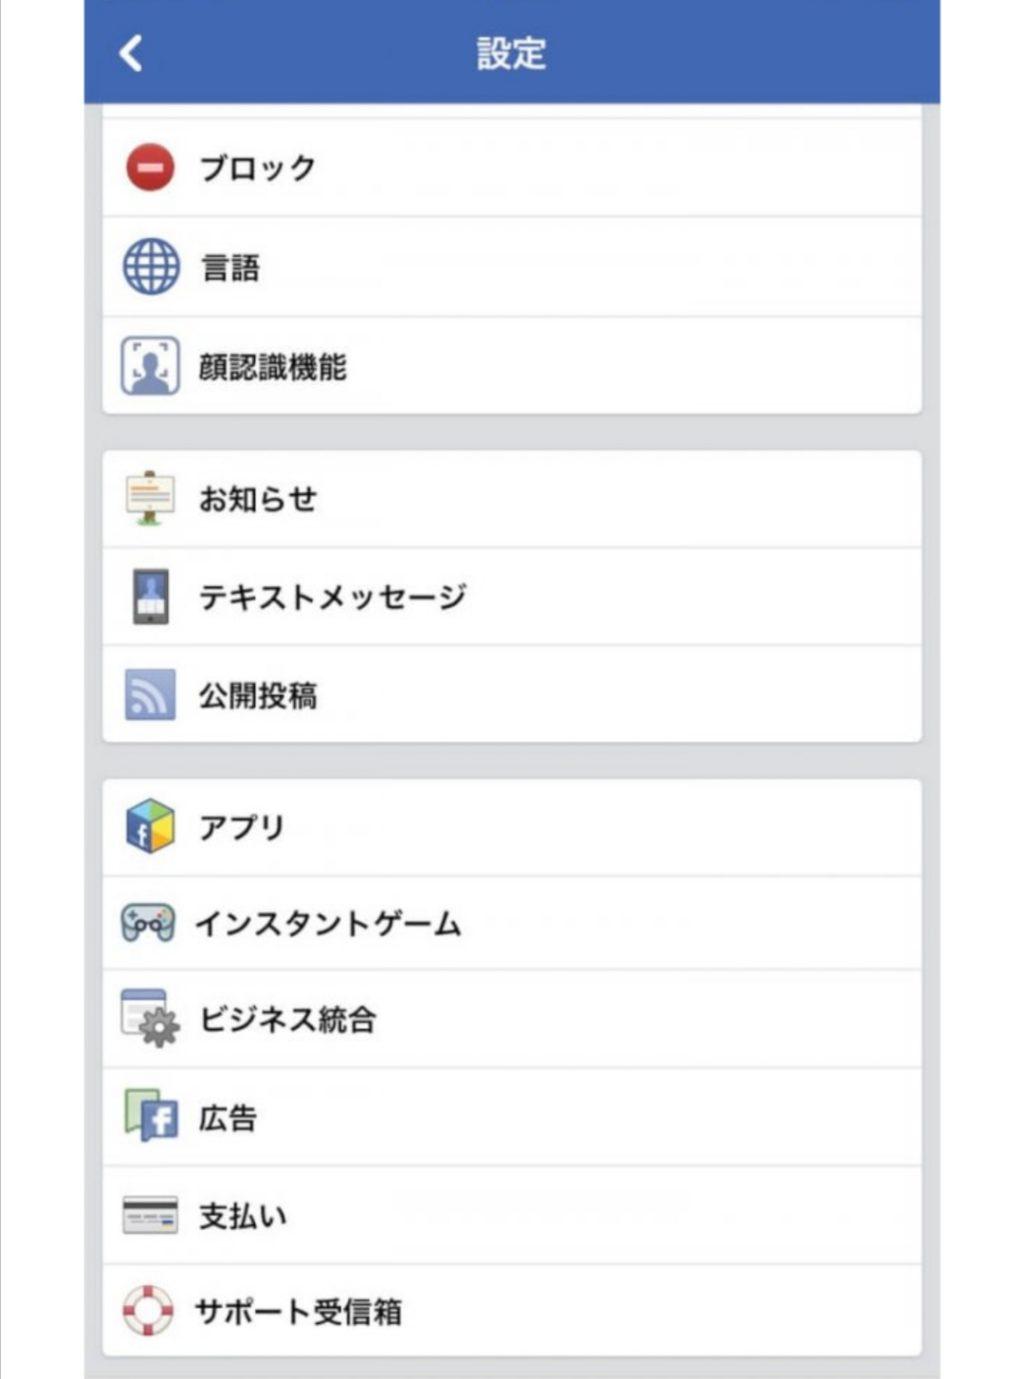 Omiaiにログインできない場合、Facebookとの連携がうまくいっていないケースがあります。